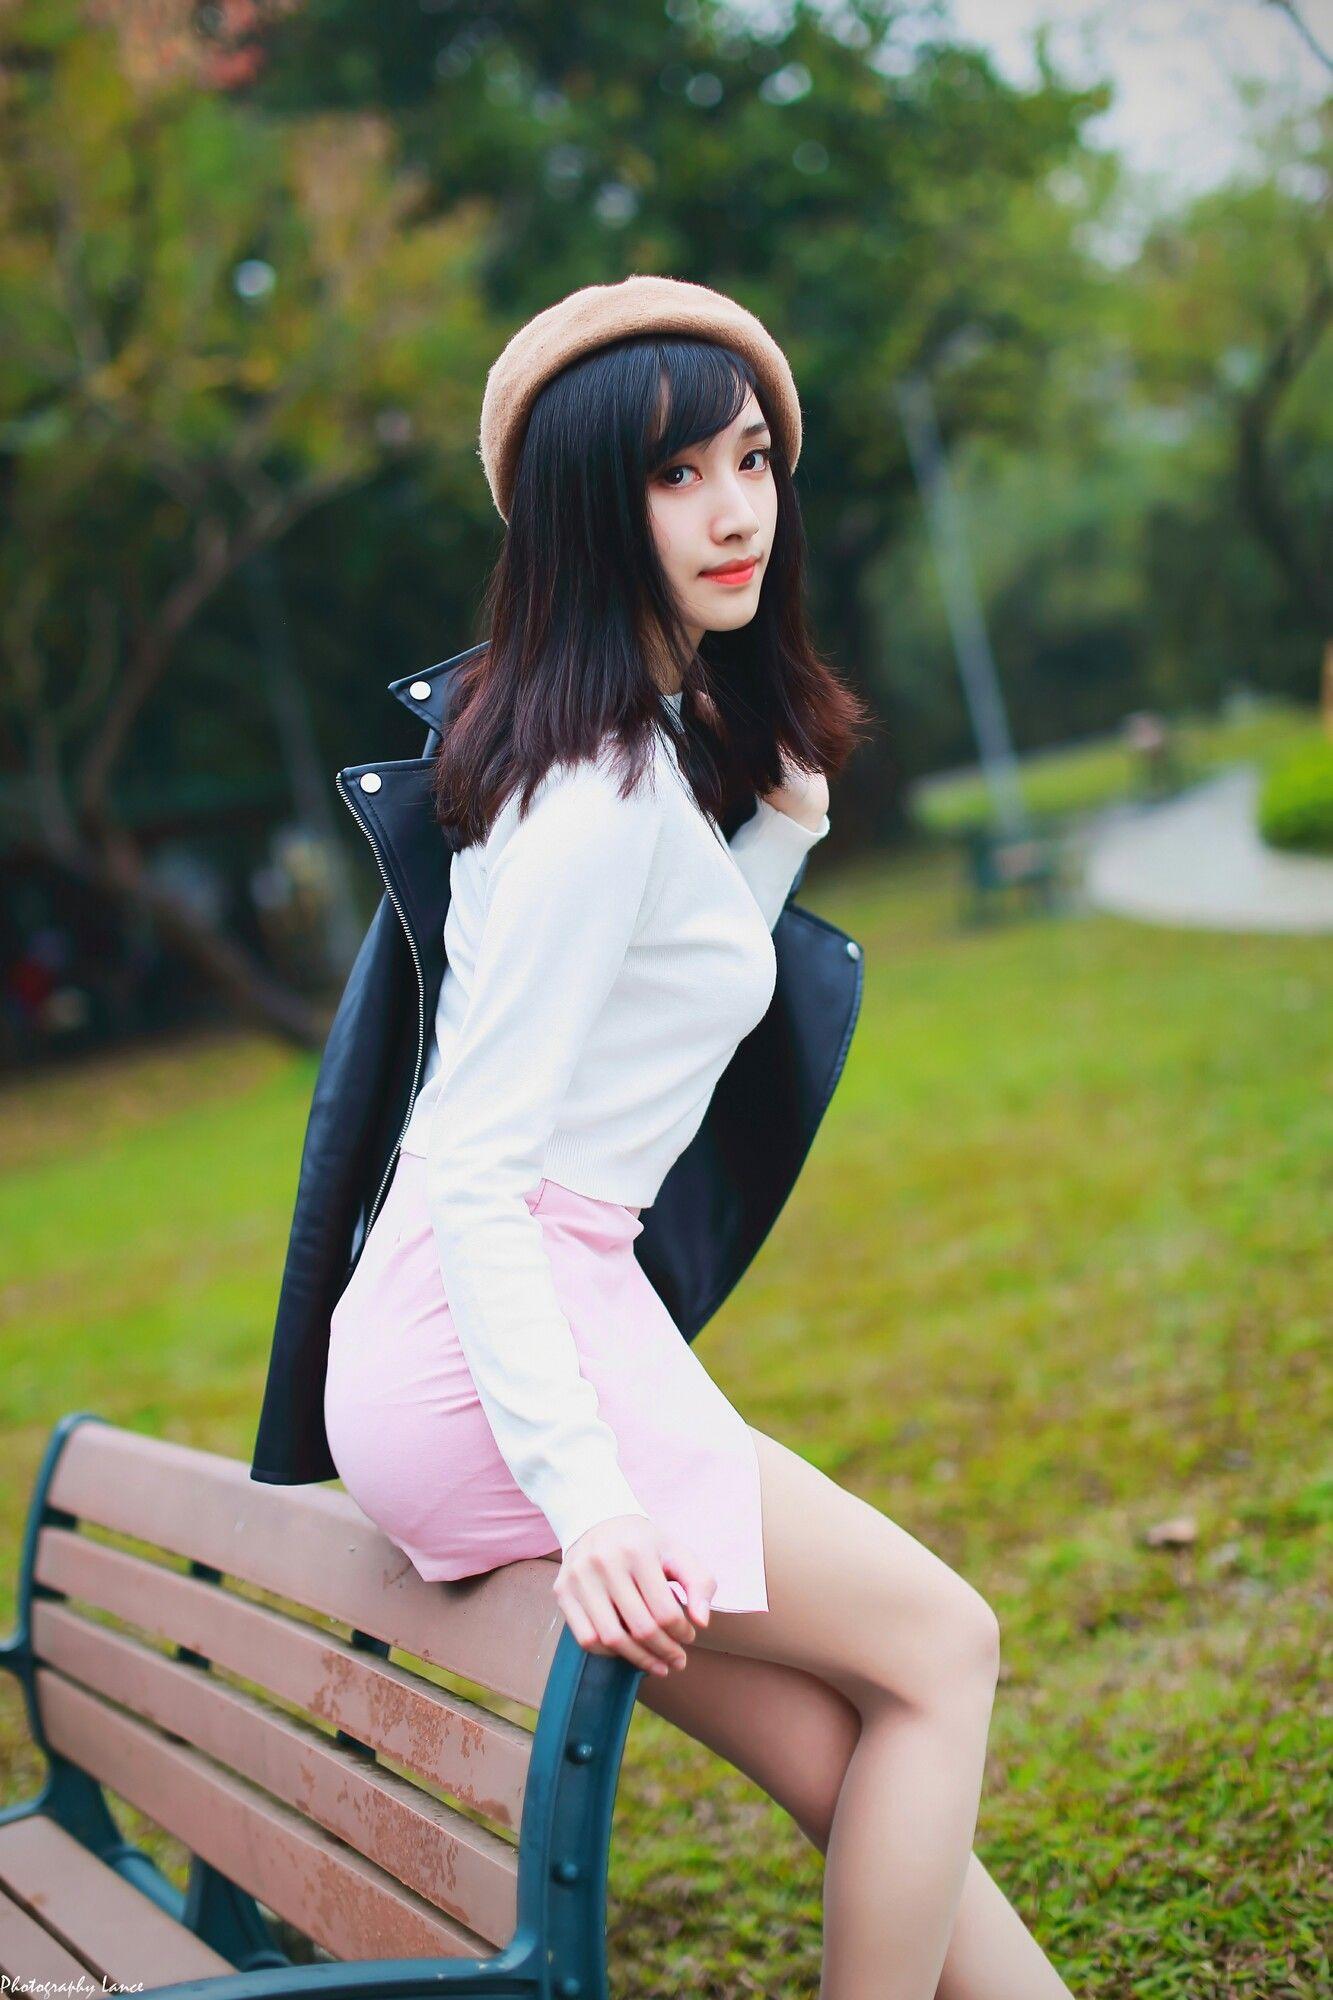 VOL.27 [台湾正妹]气质清新女神:段璟乐(段乐乐)超高清个人性感漂亮大图(37P)